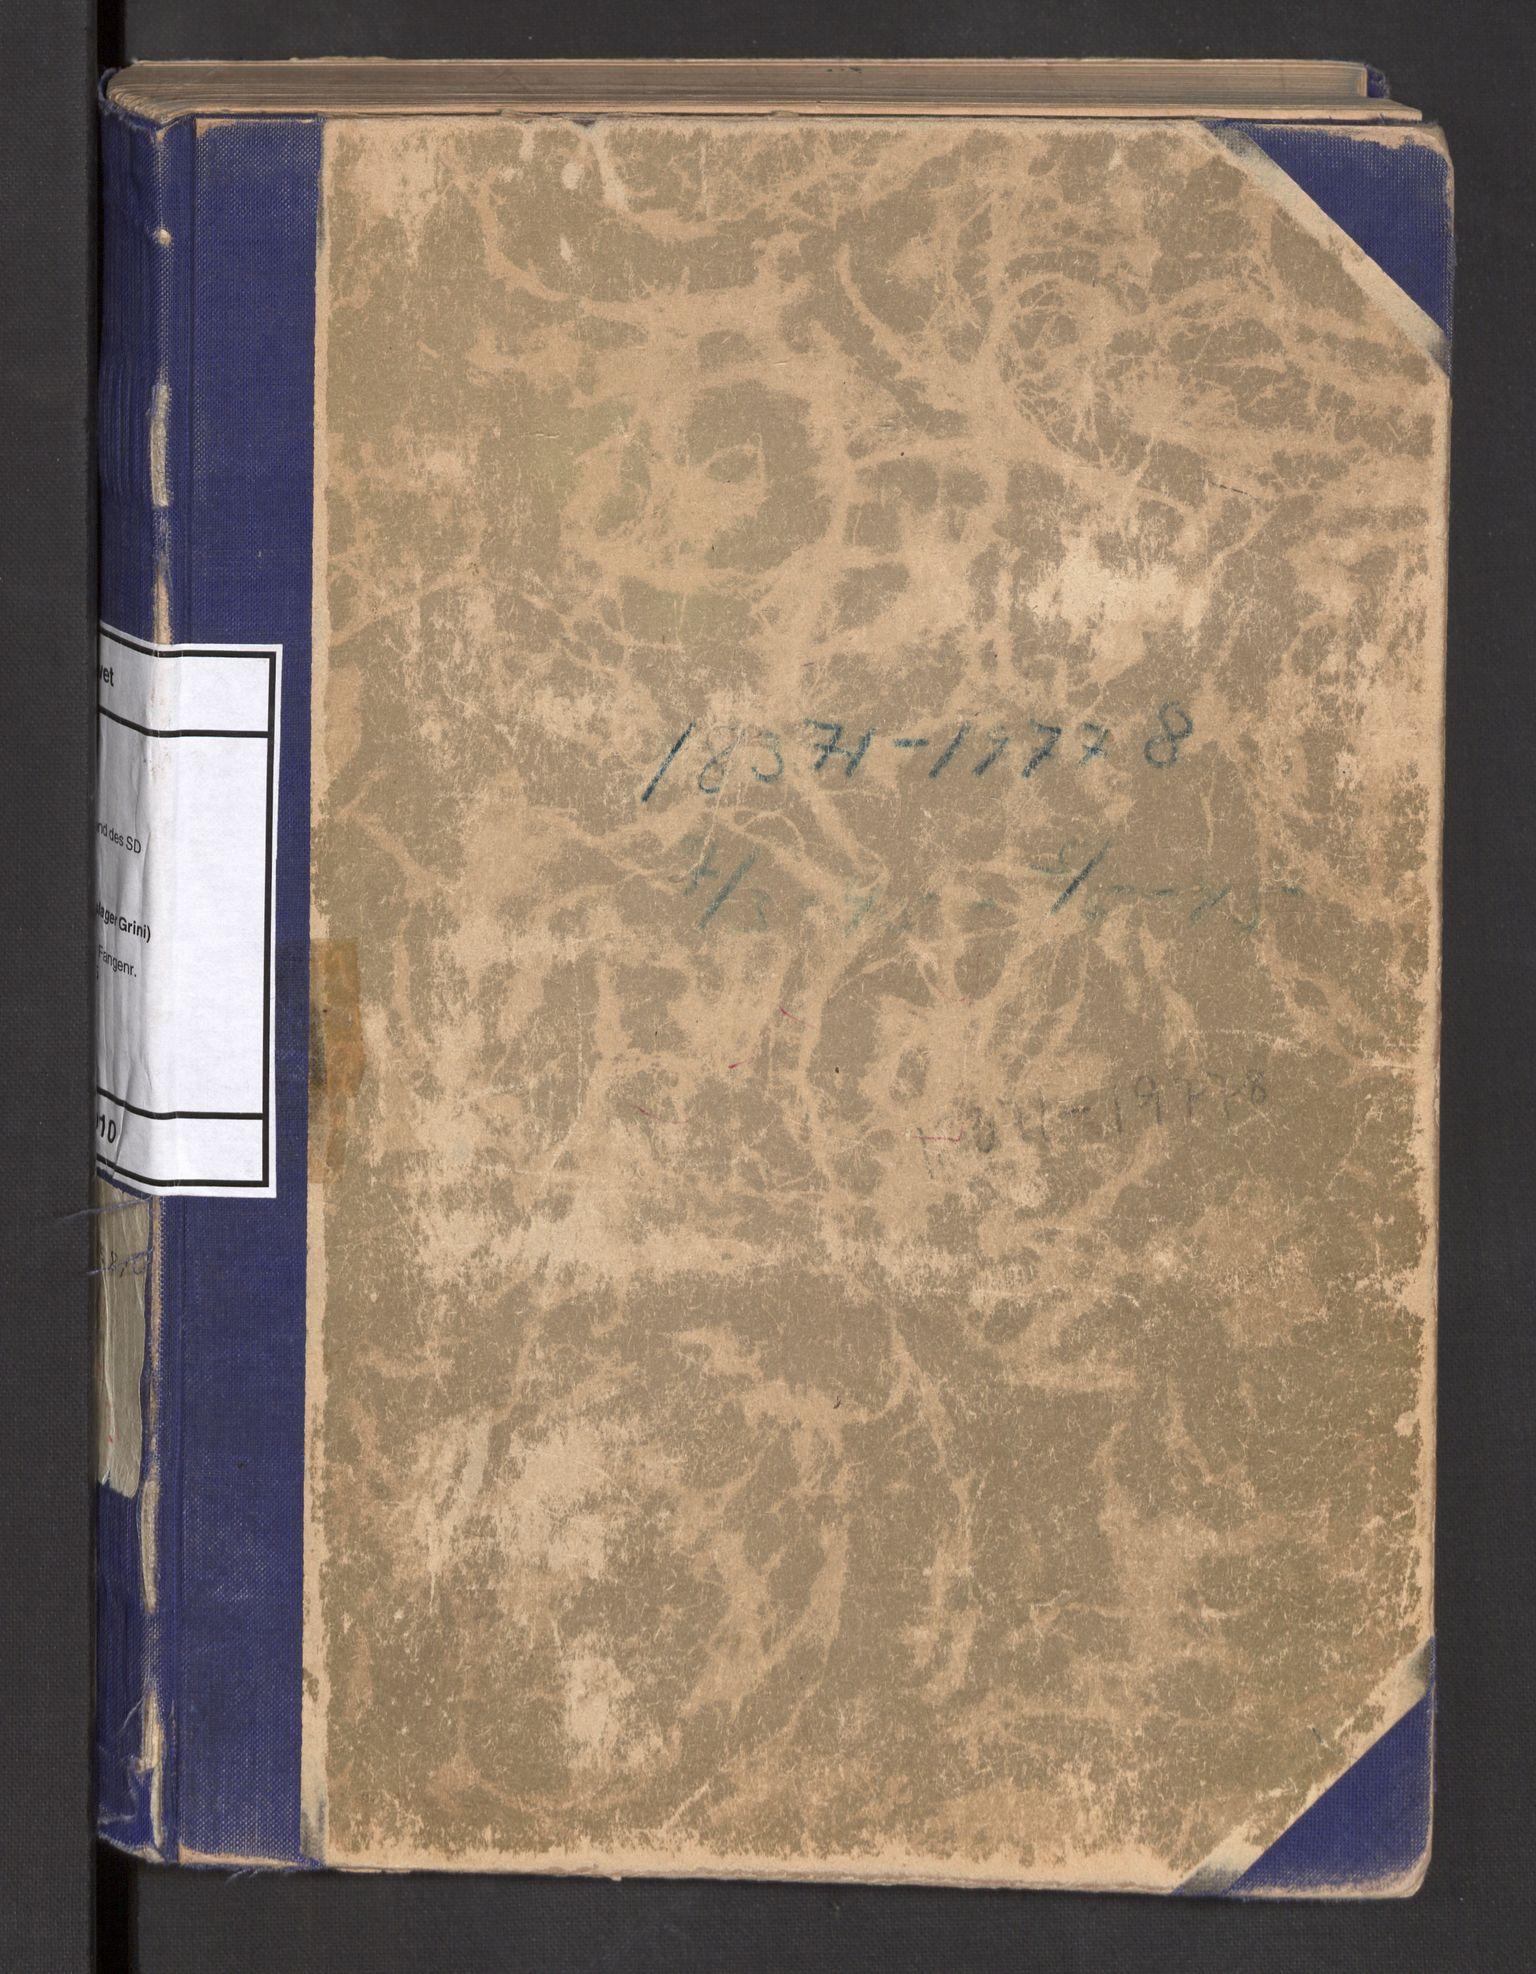 RA, Befehlshaber der Sicherheitspolizei und des SD, F/Fa/Faa/L0010: Fangeprotokoll. - Gefangenen-Buch B.  Fangenr. 18371-19778, 1945